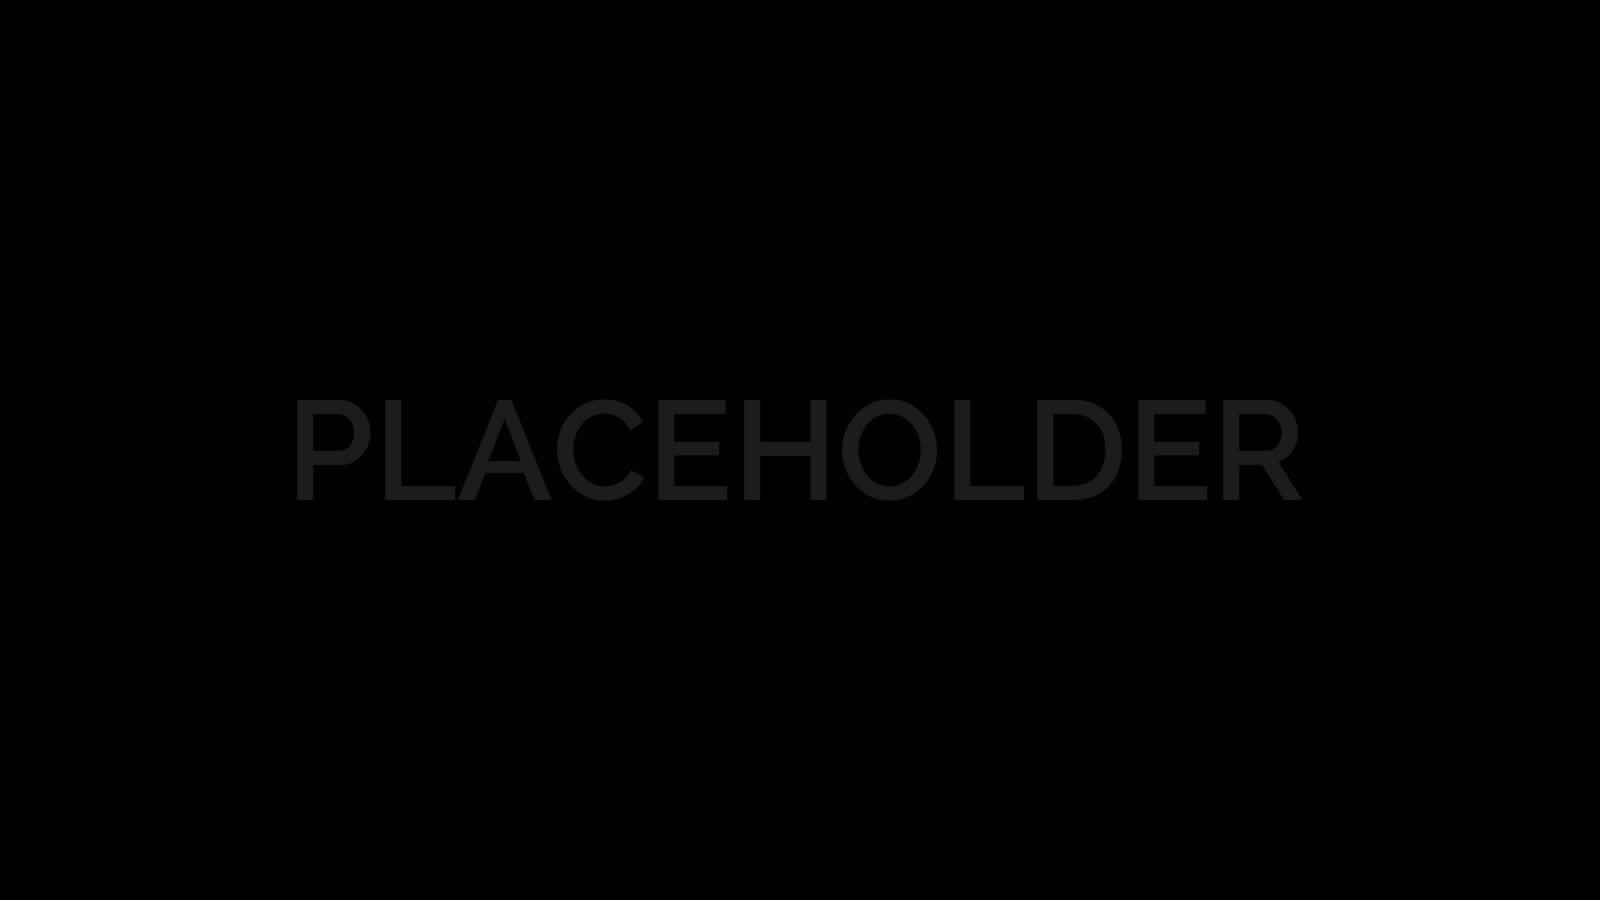 image-placerholder-slider